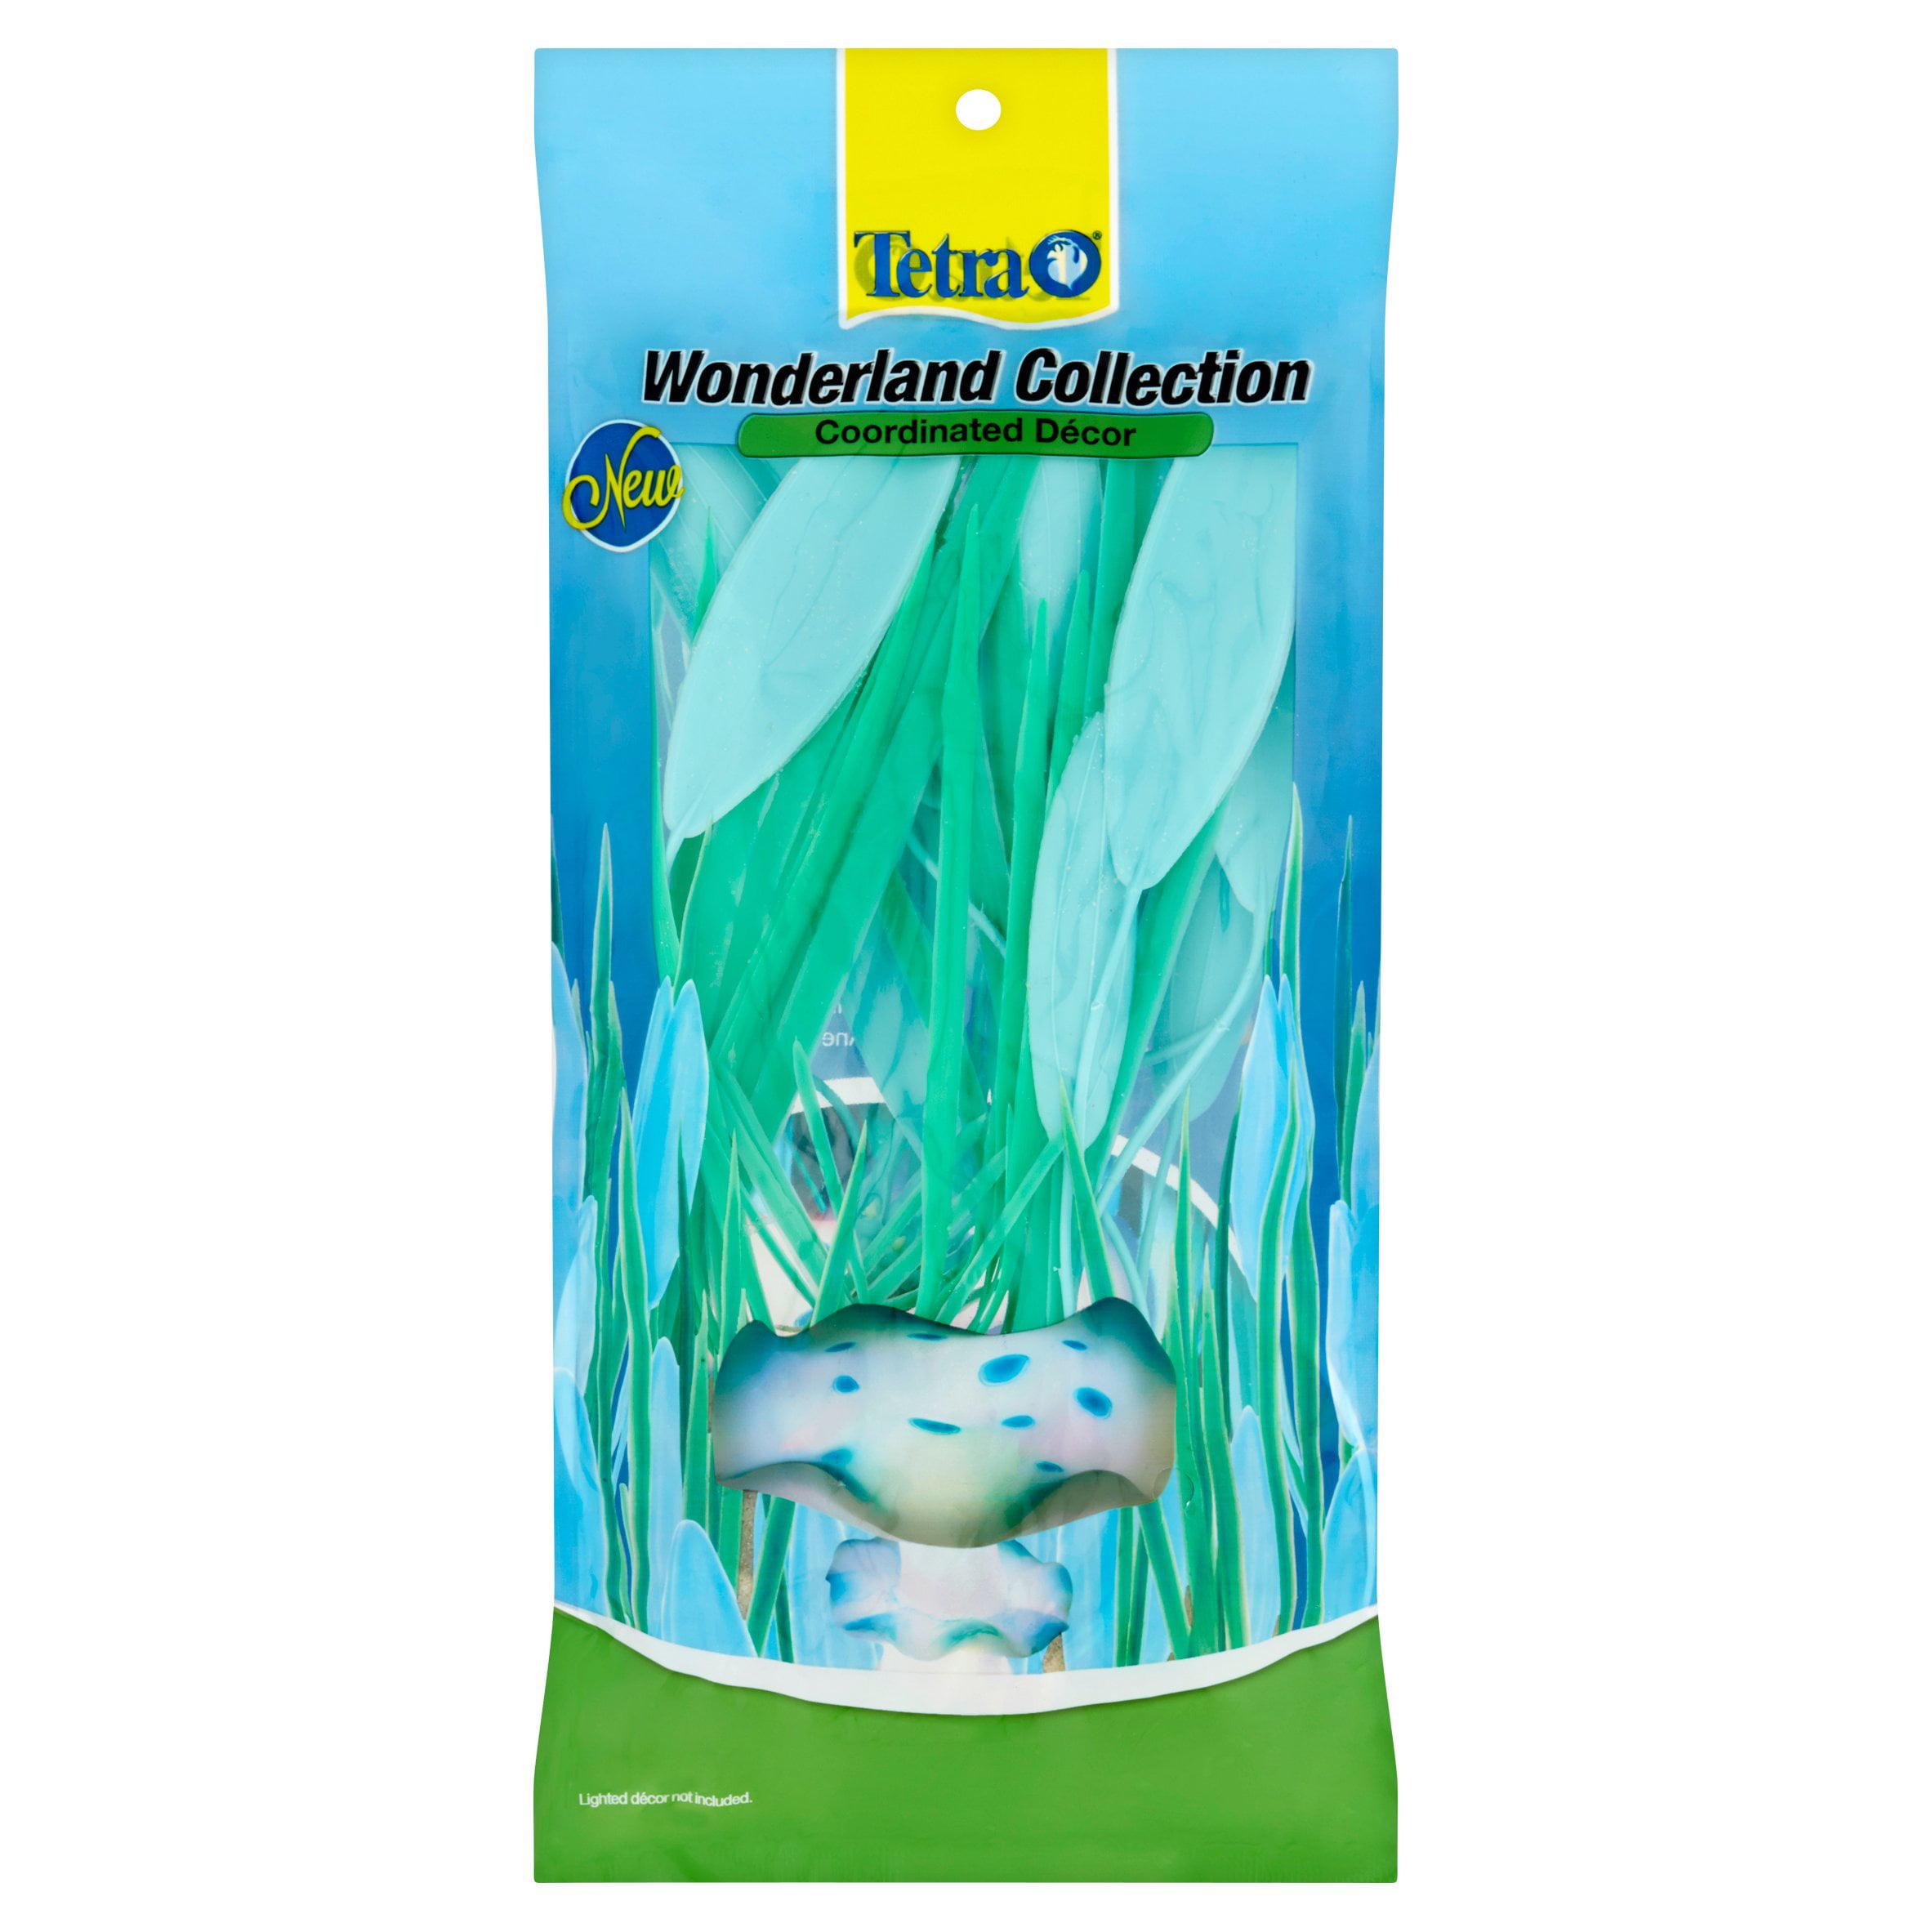 Tetra Wonderland Collection Coordinated Décor Aquarium Plants by Spectrum Brands